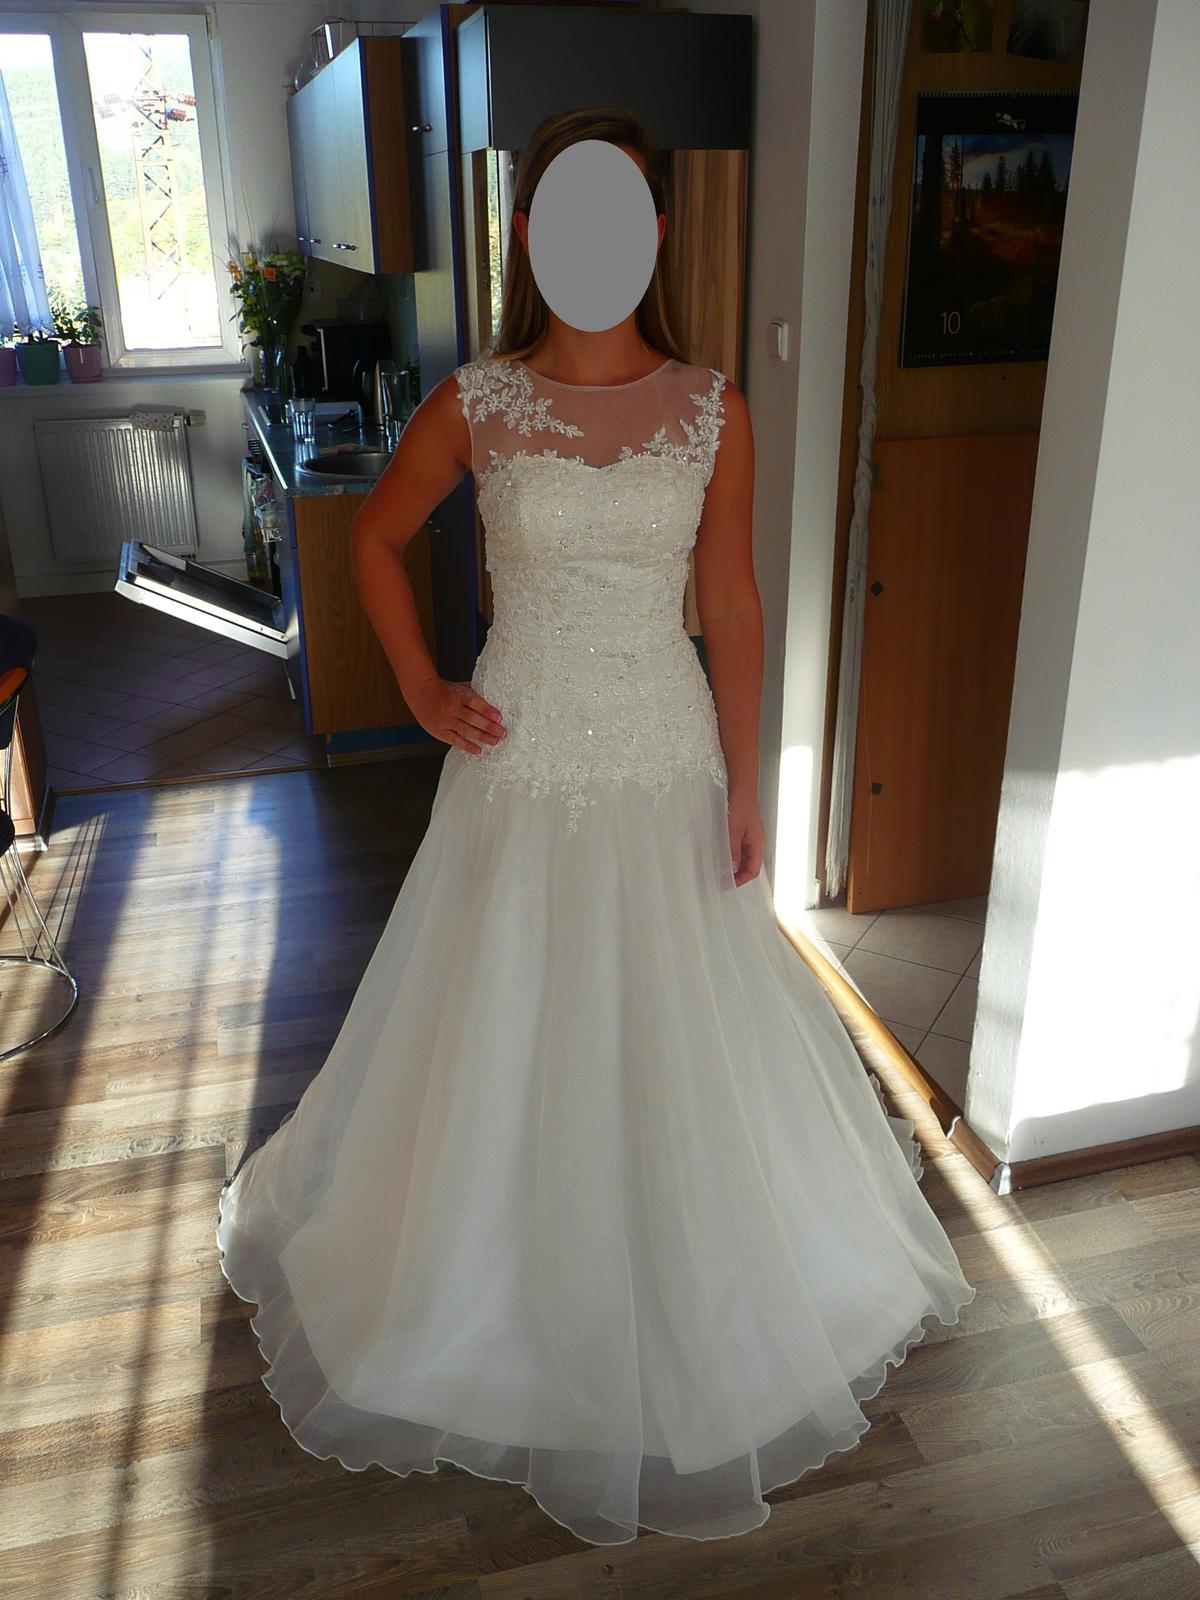 Svatební šaty s originálním dekoltem 36-40 - Obrázek č. 1